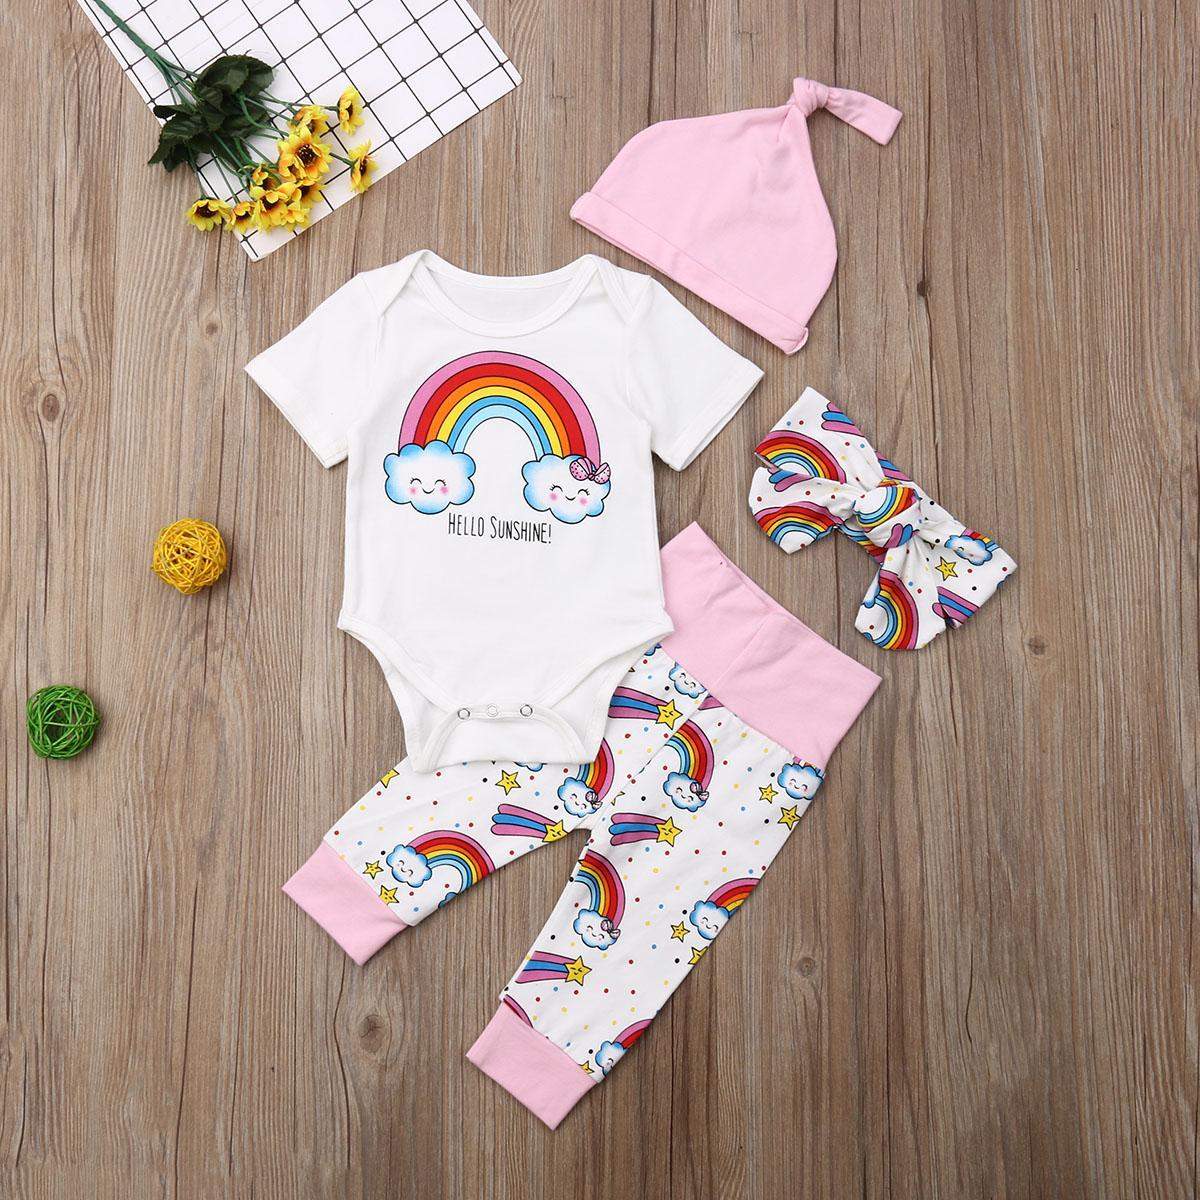 2019 nuovo modo 0-18M Newborn 4PCS / Set del ragazzo della neonata del fumetto del pagliaccetto Tops pantaloni lunghi fascia Hat Outfit Abbigliamento